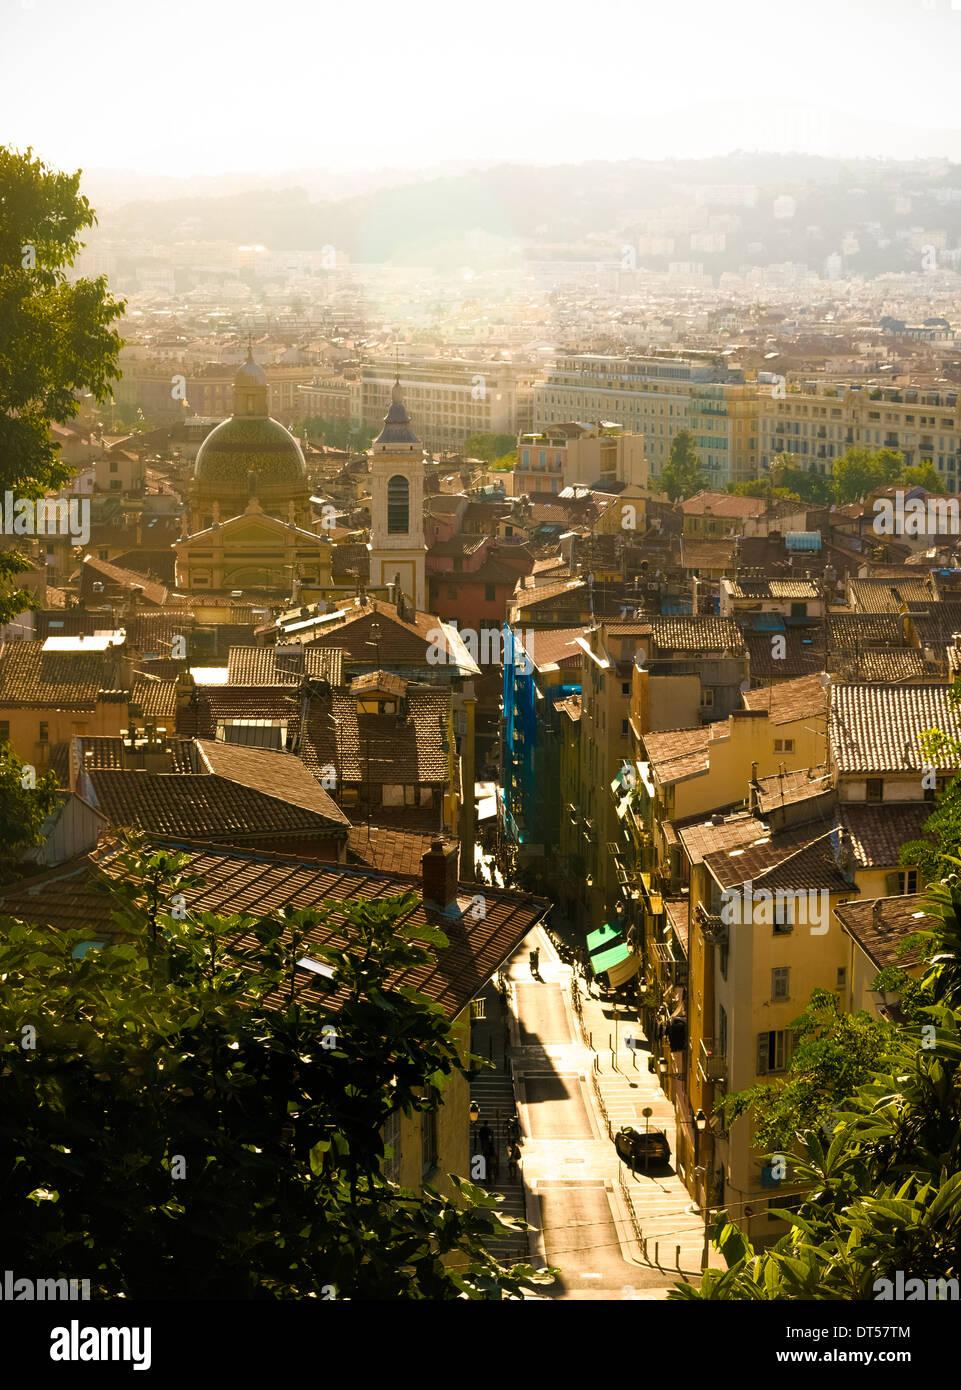 Vista della Città Vecchia di Nizza, Alpes Maritimes, Francia con la Cattedrale Sainte Reparate in background Immagini Stock